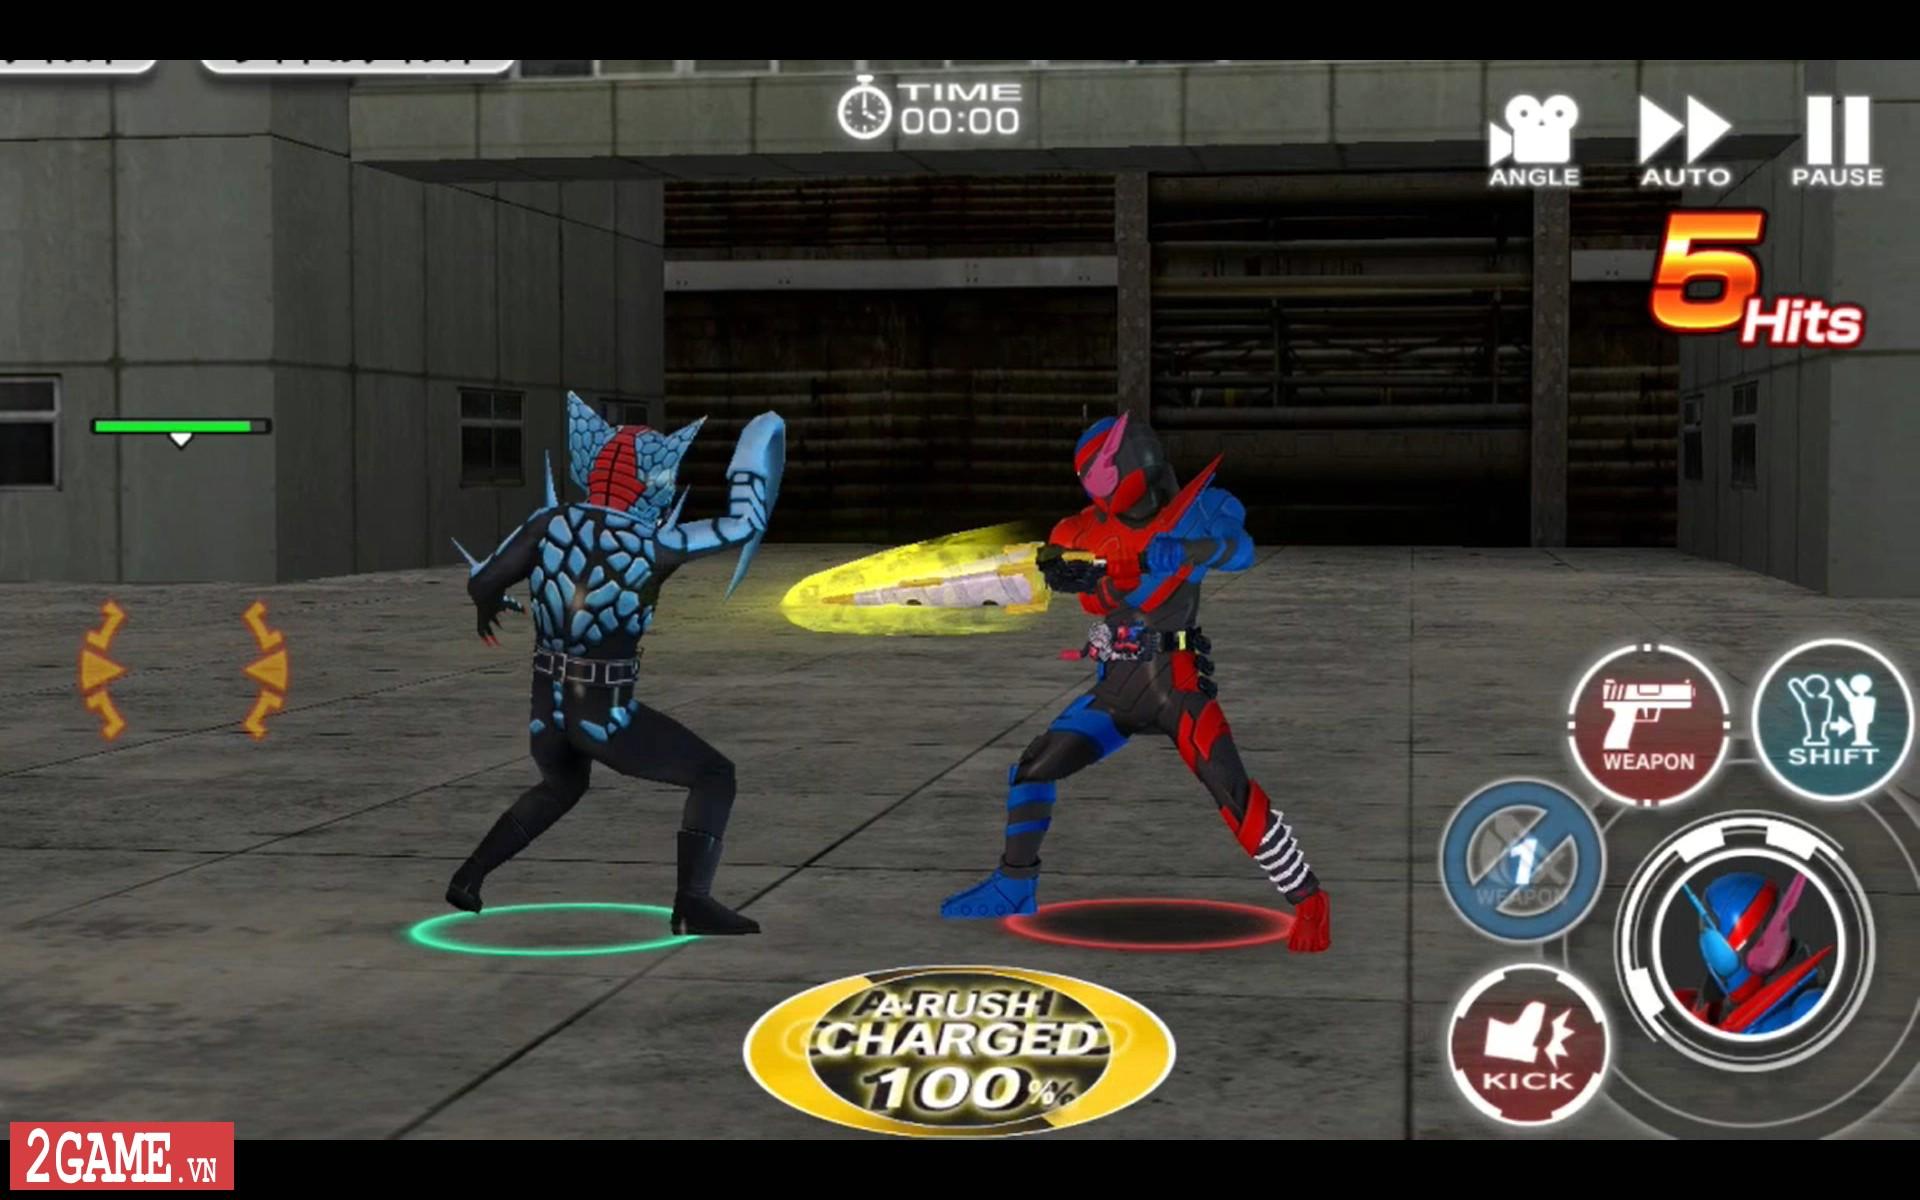 Kamen Rider: Climax Fighters - Game về Siêu nhân Phi Long bất ngờ đổ bộ lên nền tảng di động 2